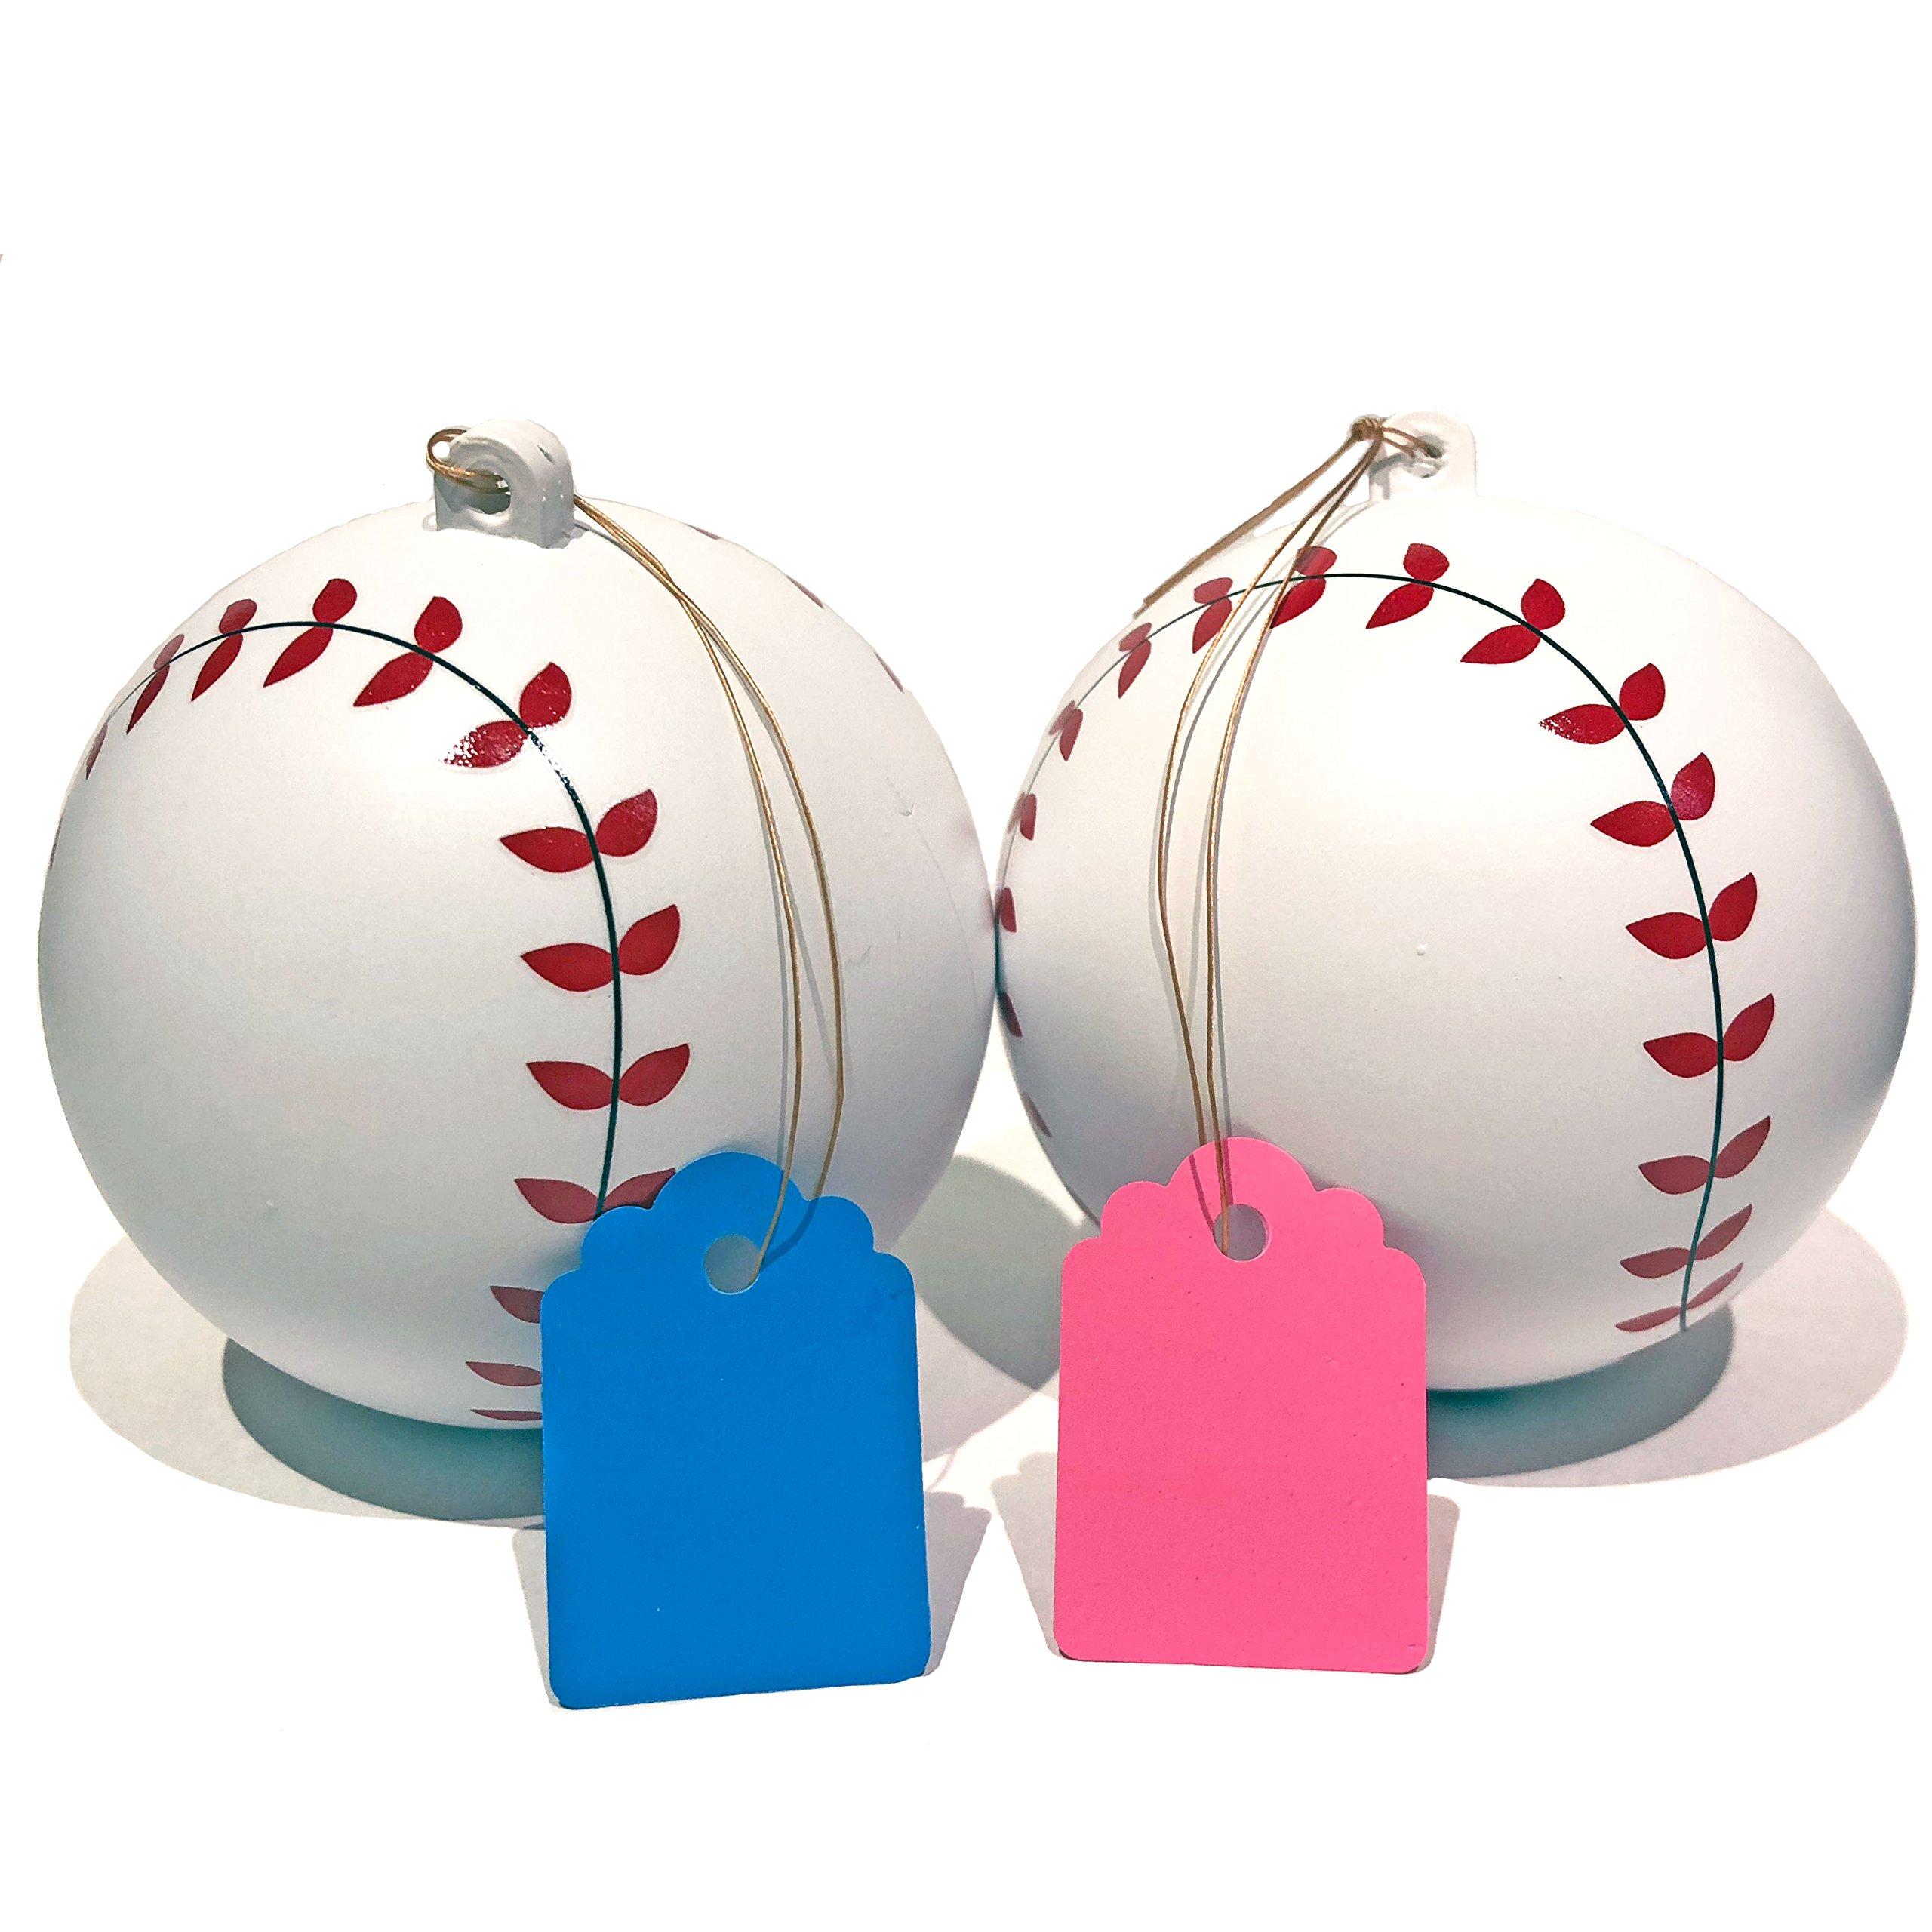 Gender Reveal Baseballs (Set of 2) | Blue + Pink Gender Reveal Party Supplies